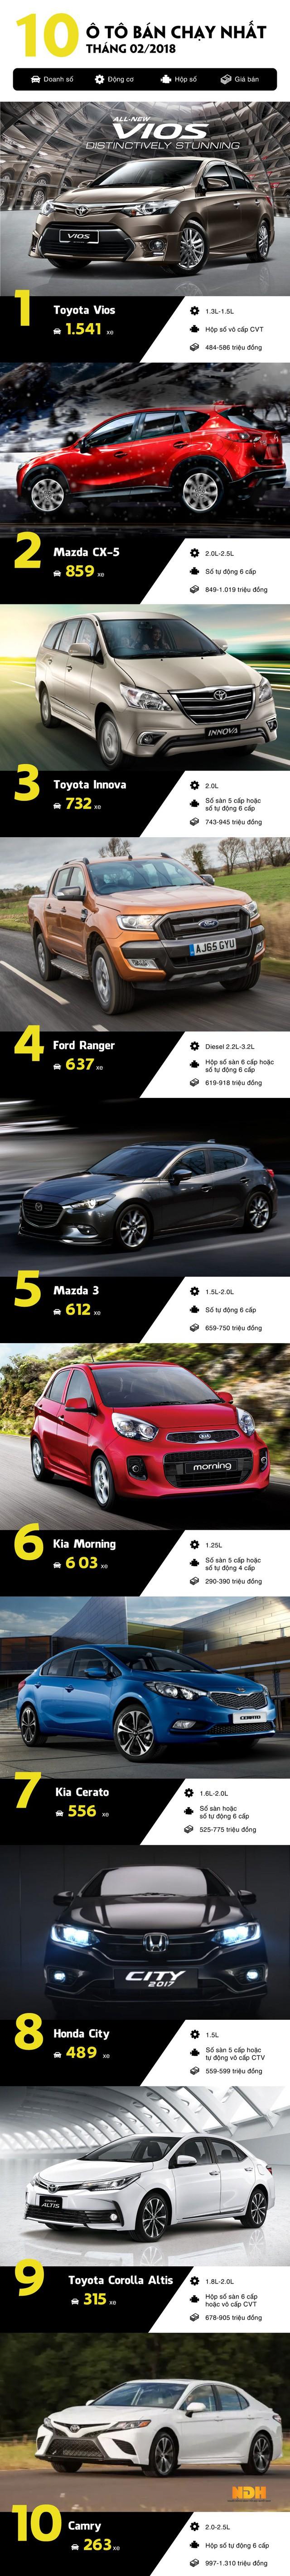 [Infographic] Top 10 ôtô bán chạy tháng 2: Xe lắp ráp thắng thế - Ảnh 1.